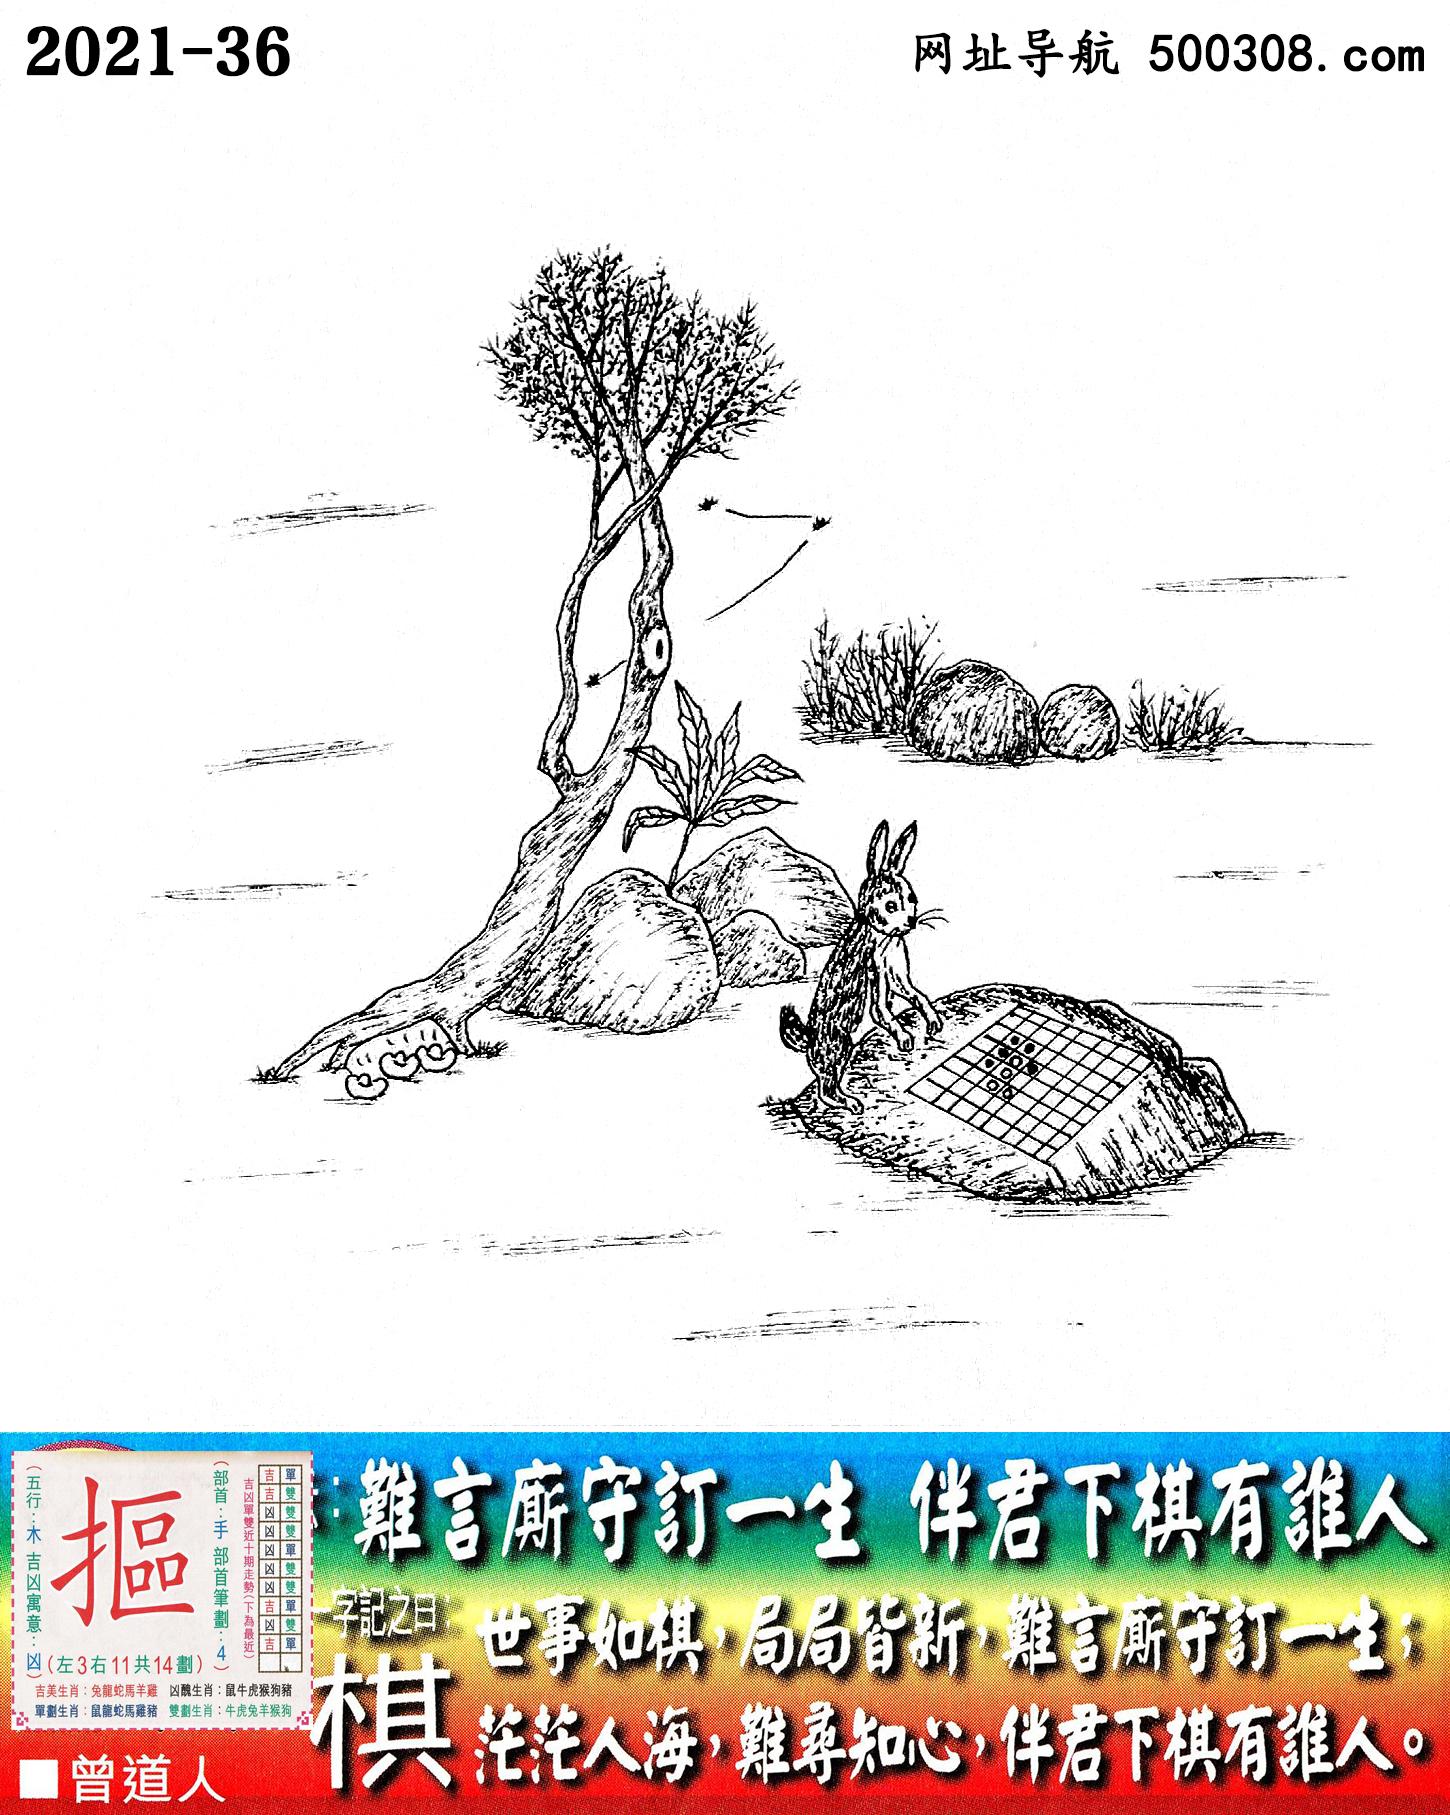 036期老版跑狗一字�之曰:【棋】_��:�y言�P守�一生,伴君下棋有�l人。